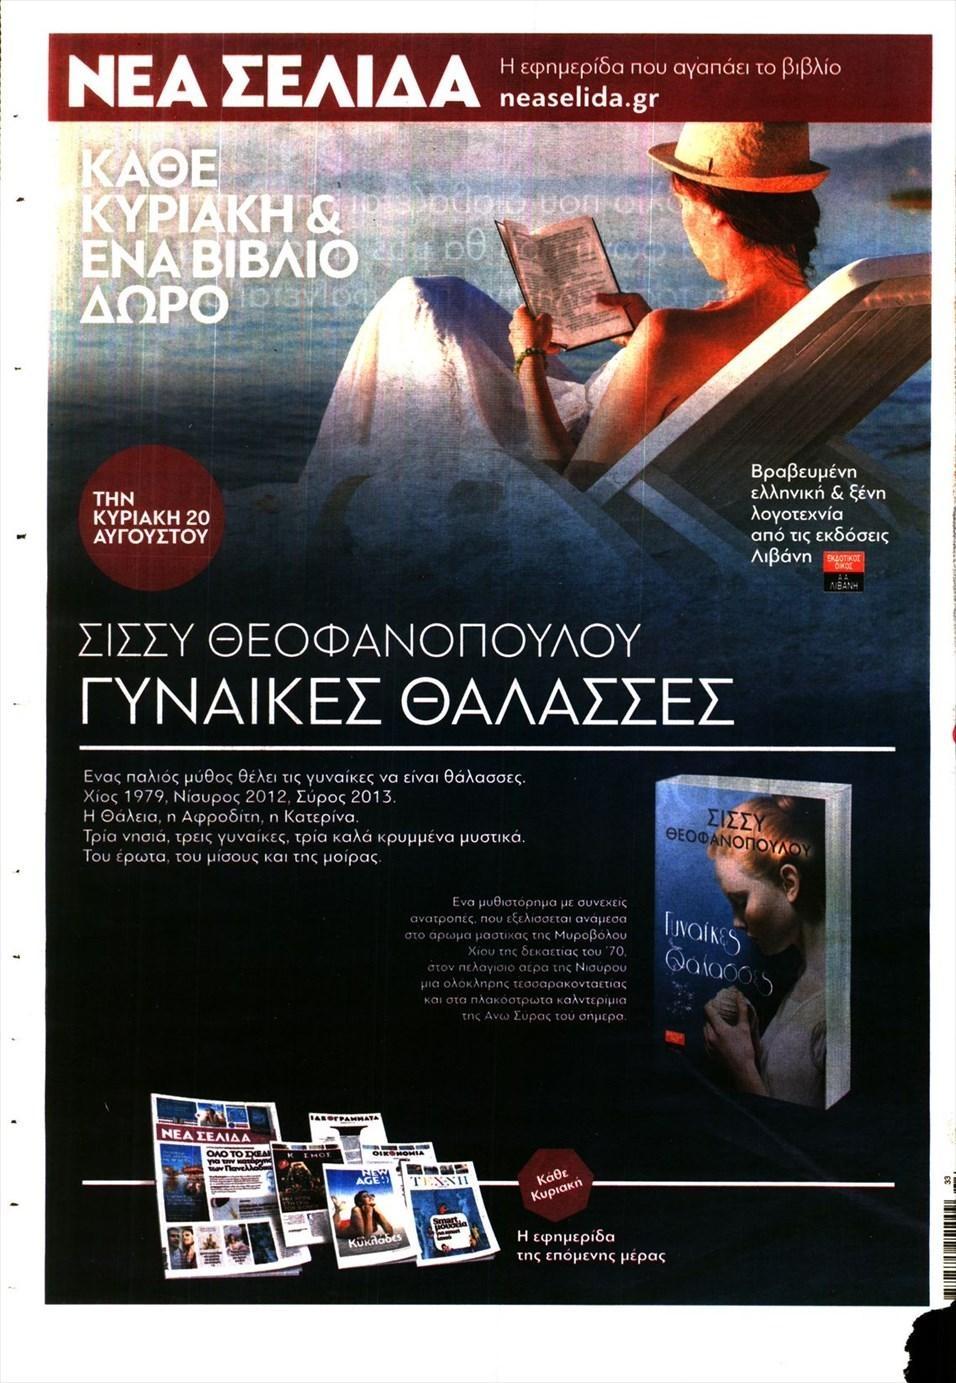 Οπισθόφυλλο εφημερίδας Νεα Σελίδα